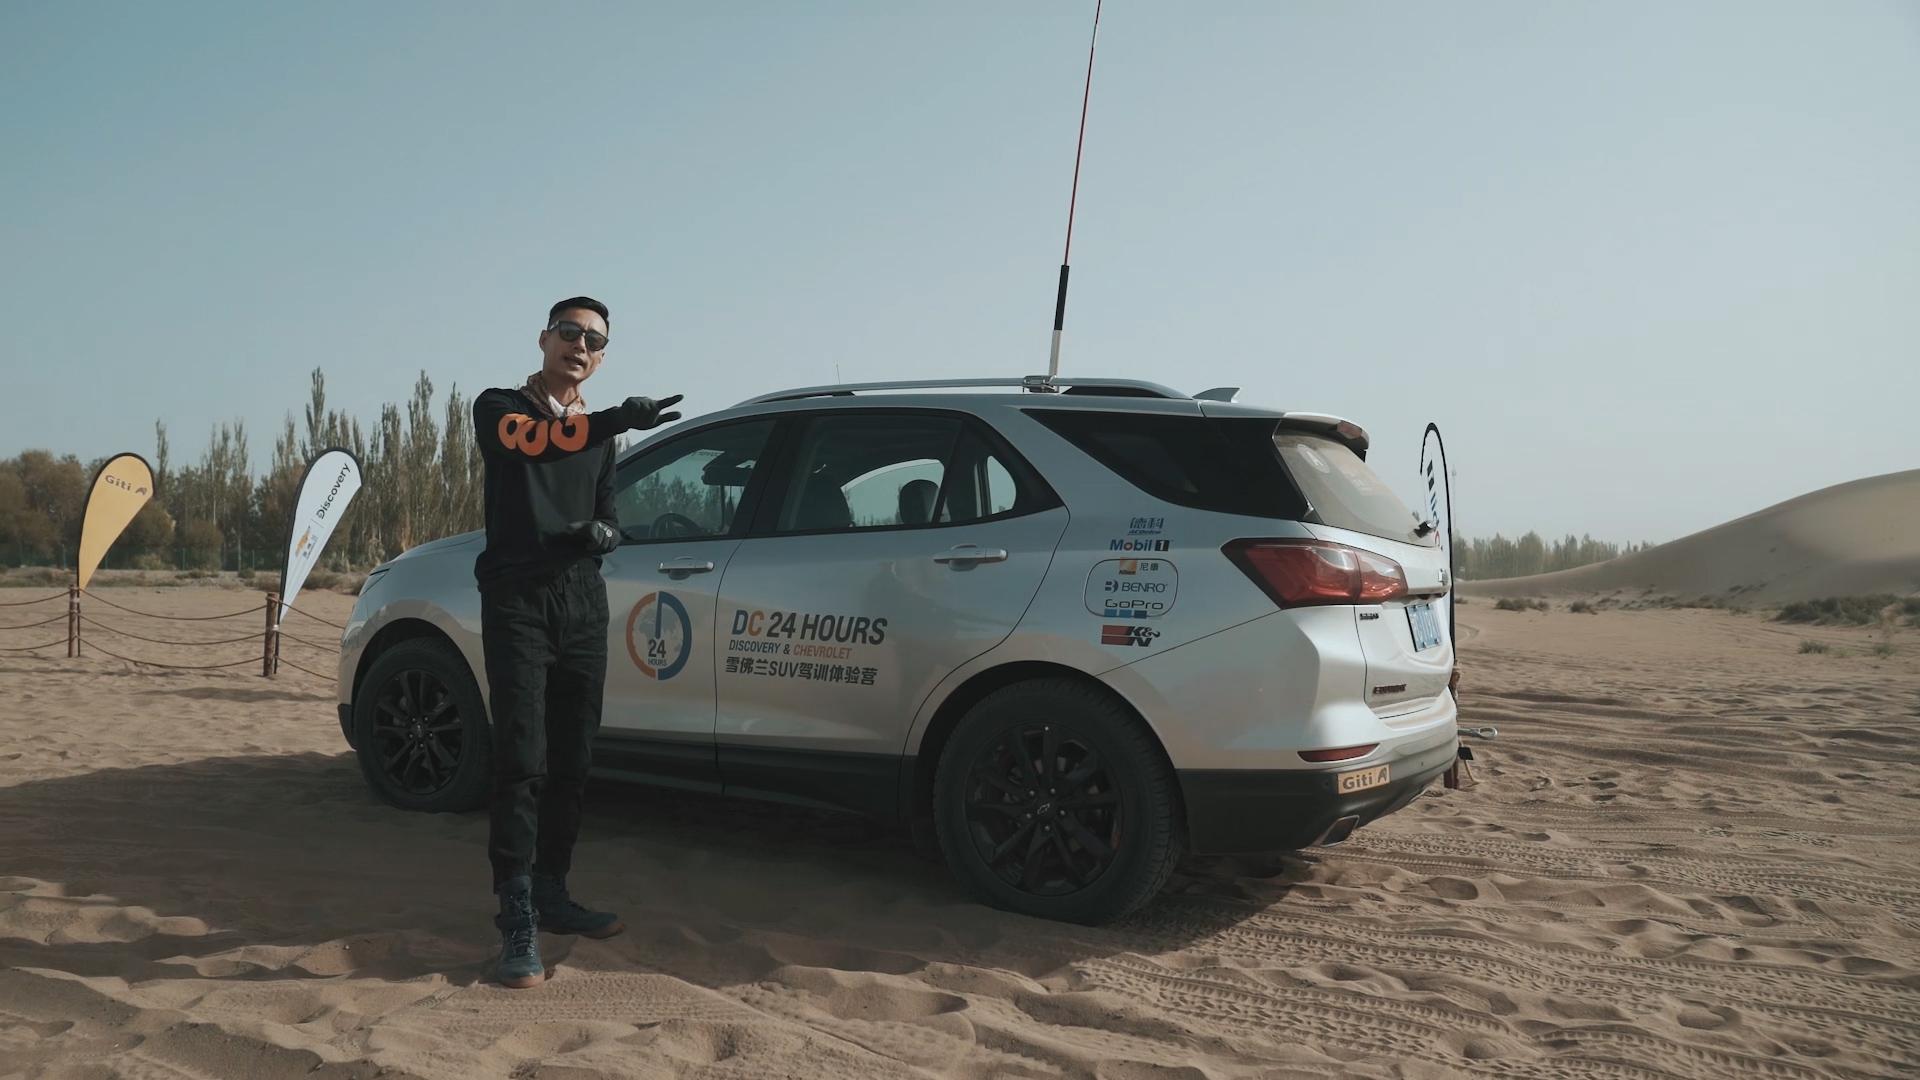 一臺城市SUV,在沙漠開了3萬多公里,會成什么樣子?